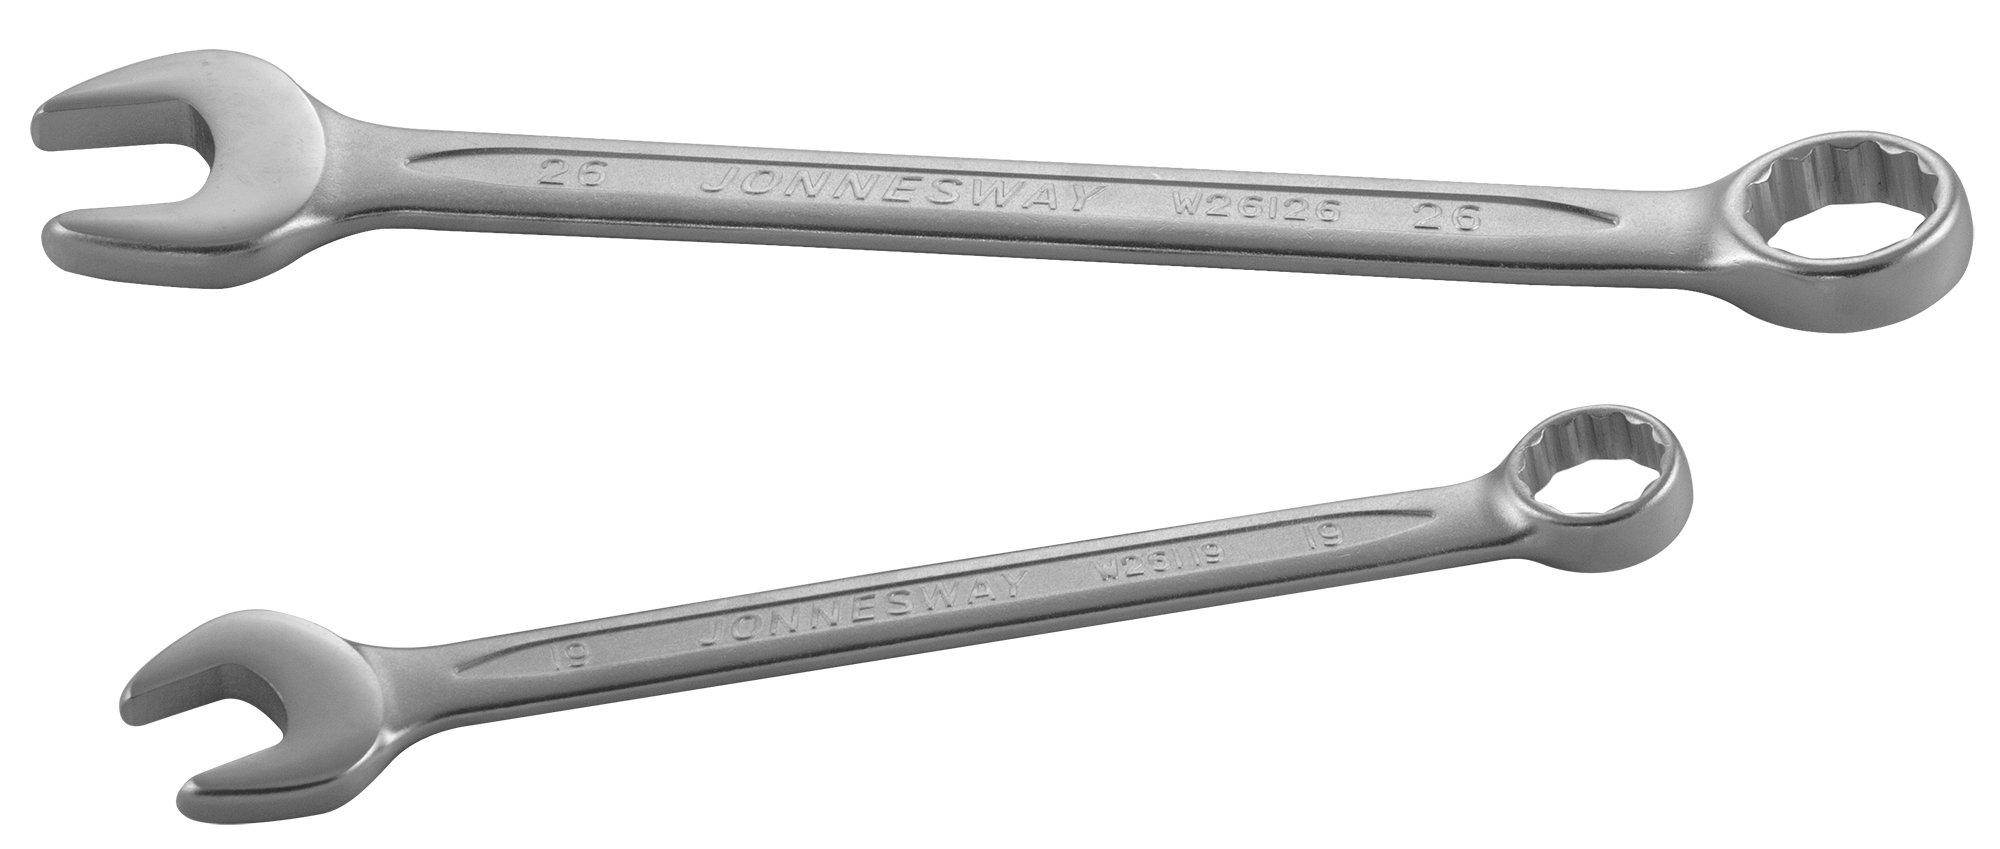 Ключ гаечный комбинированный 16 мм Jonnesway W26116